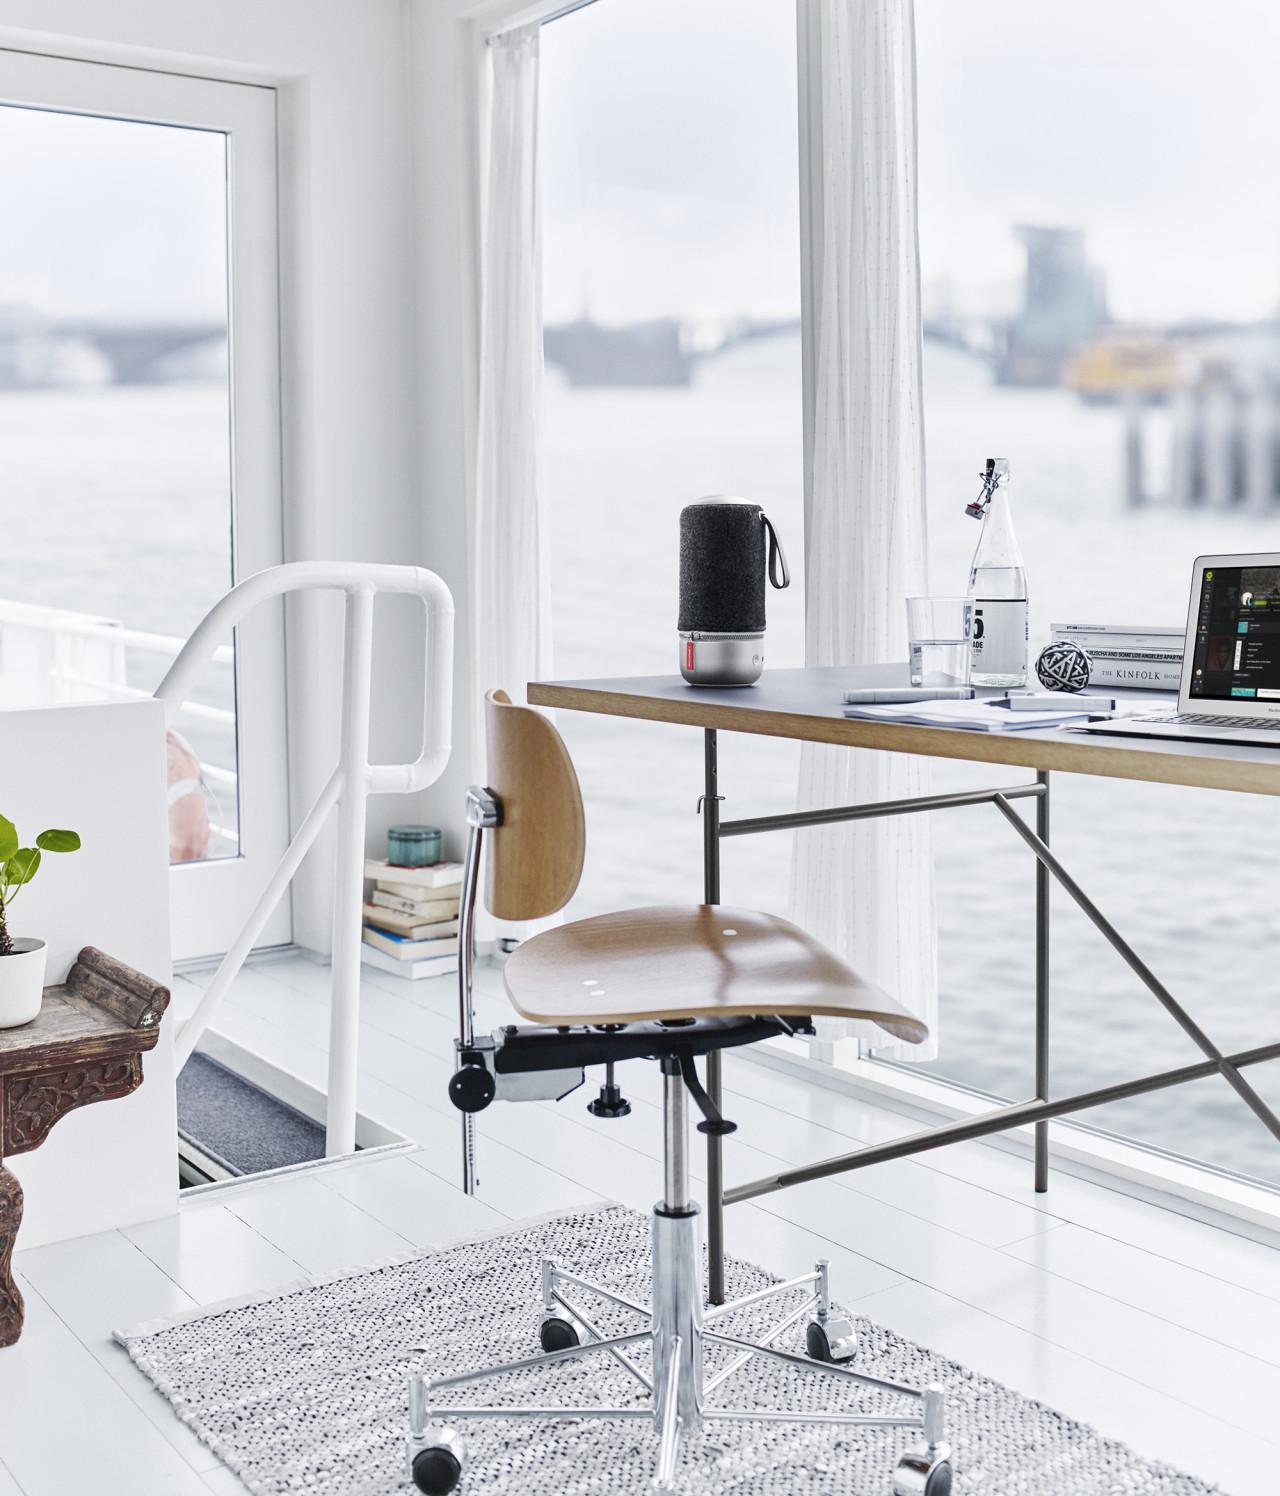 Small Size, Big Sound With the Libratone ZIPP and ZIPP MINI Copenhagen Edition